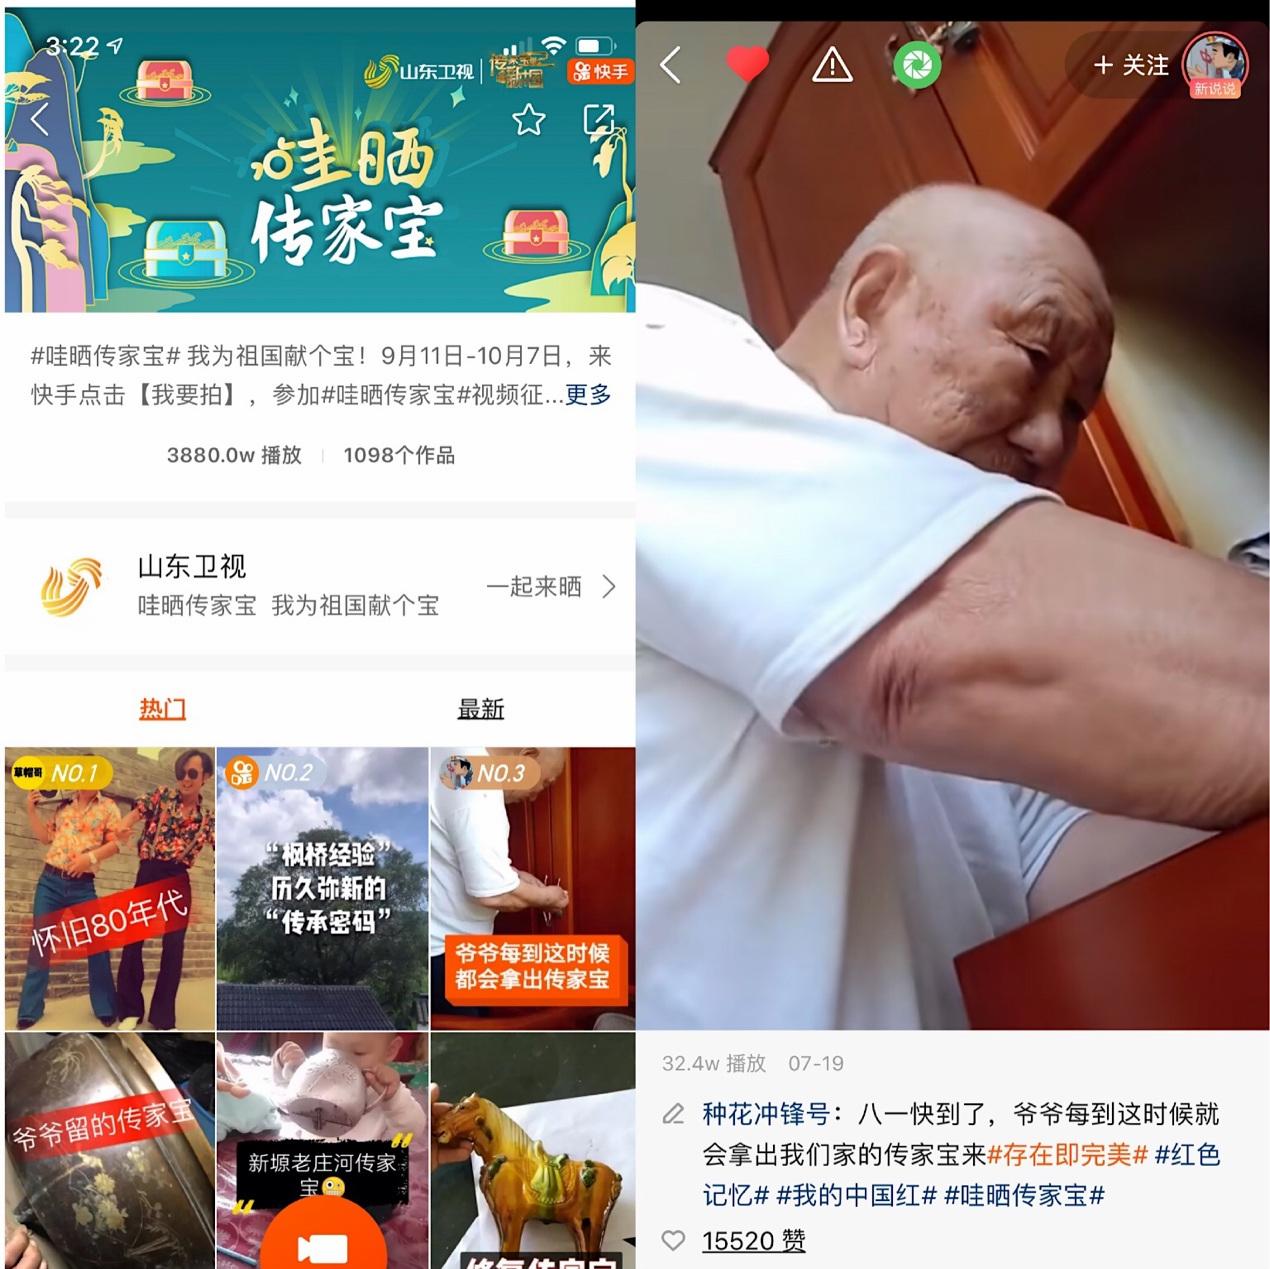 山东卫视《传家宝里的新中国》热播 短视频传播过亿次